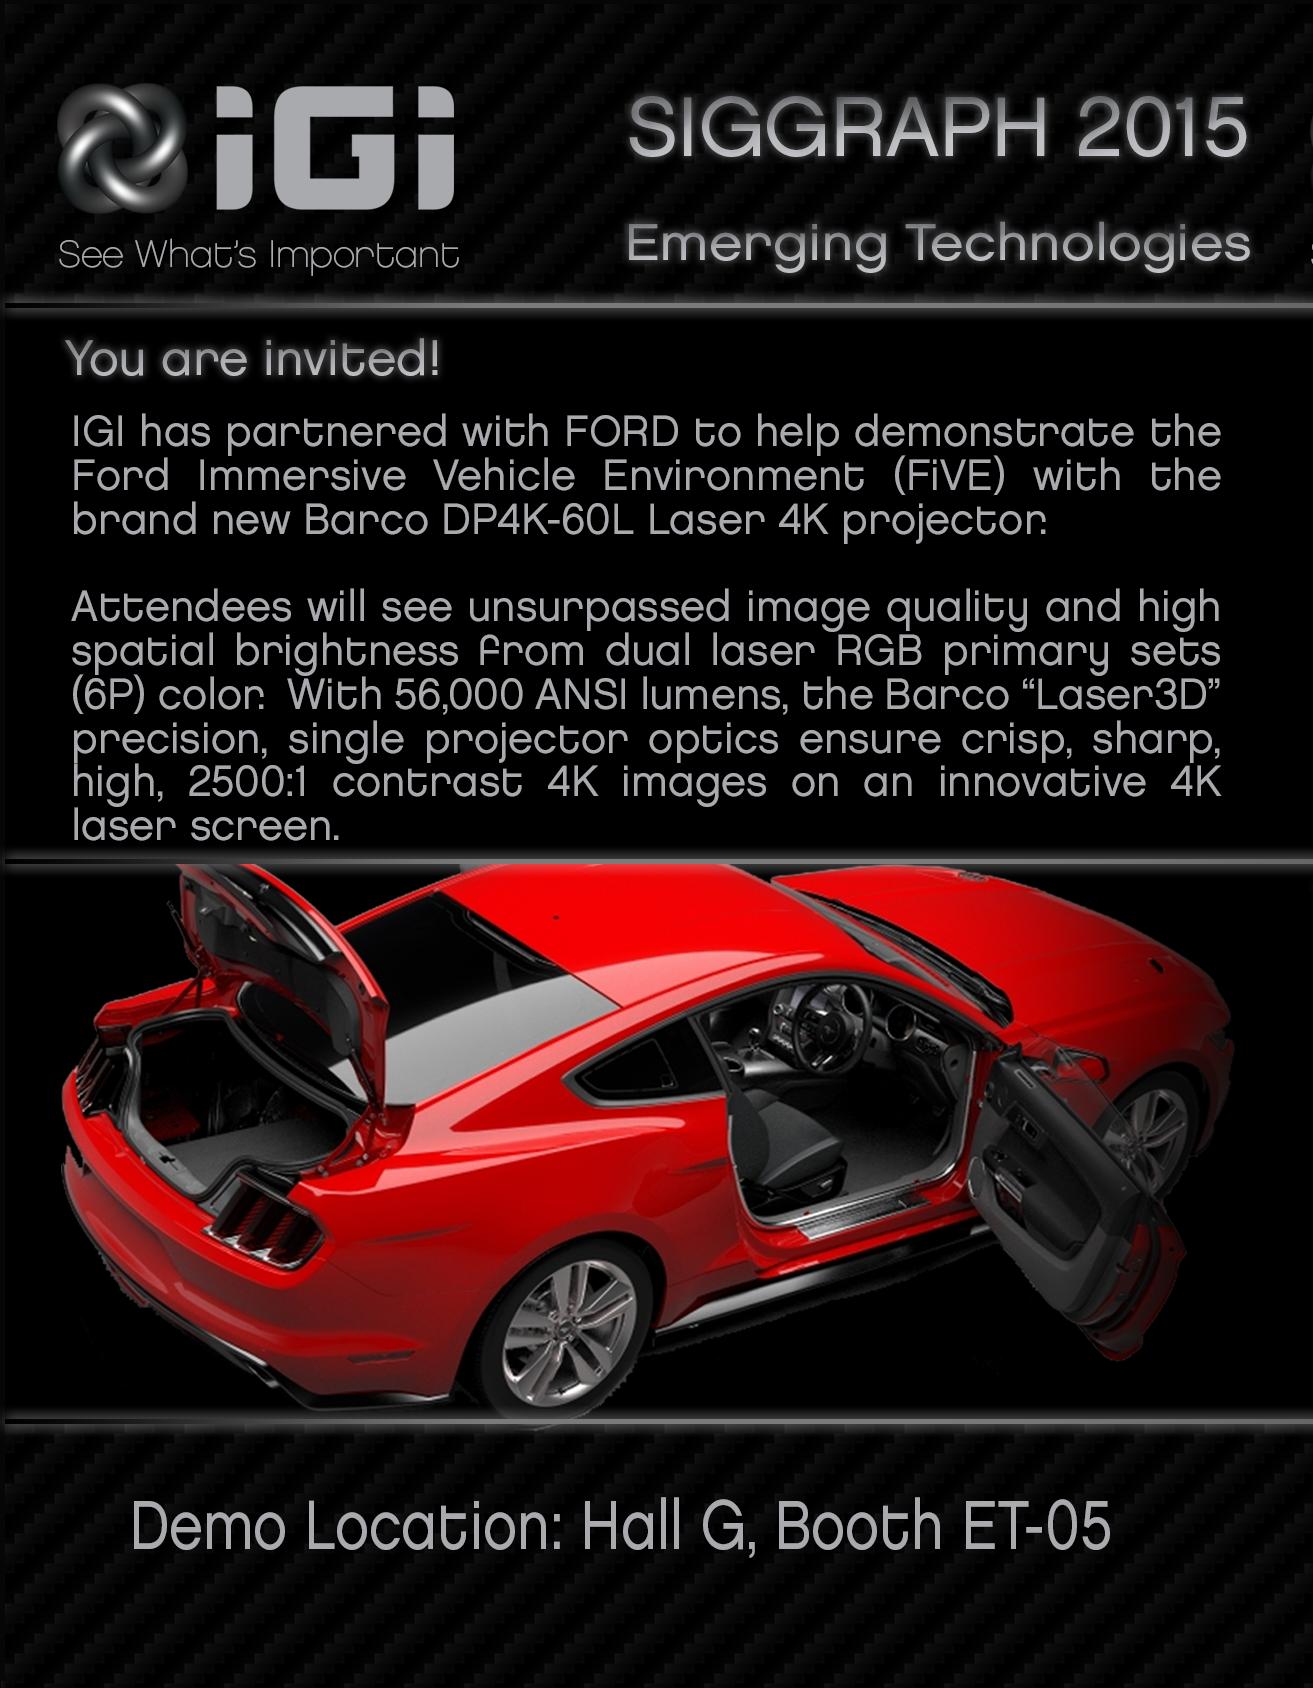 SIGGRAPH-2015-IGI-Ford-Postcard-Front